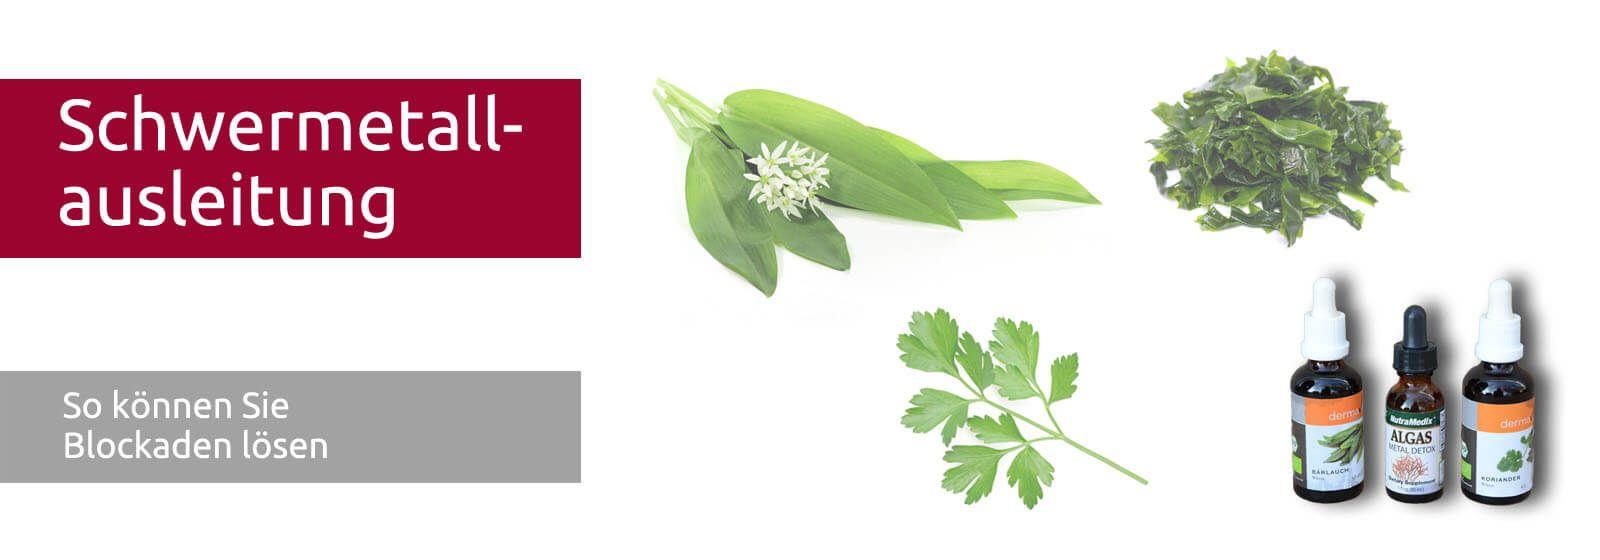 NutraMedix Algas - Algen für Schwermetallausleitung  Bärlauch, Koriander und Algen